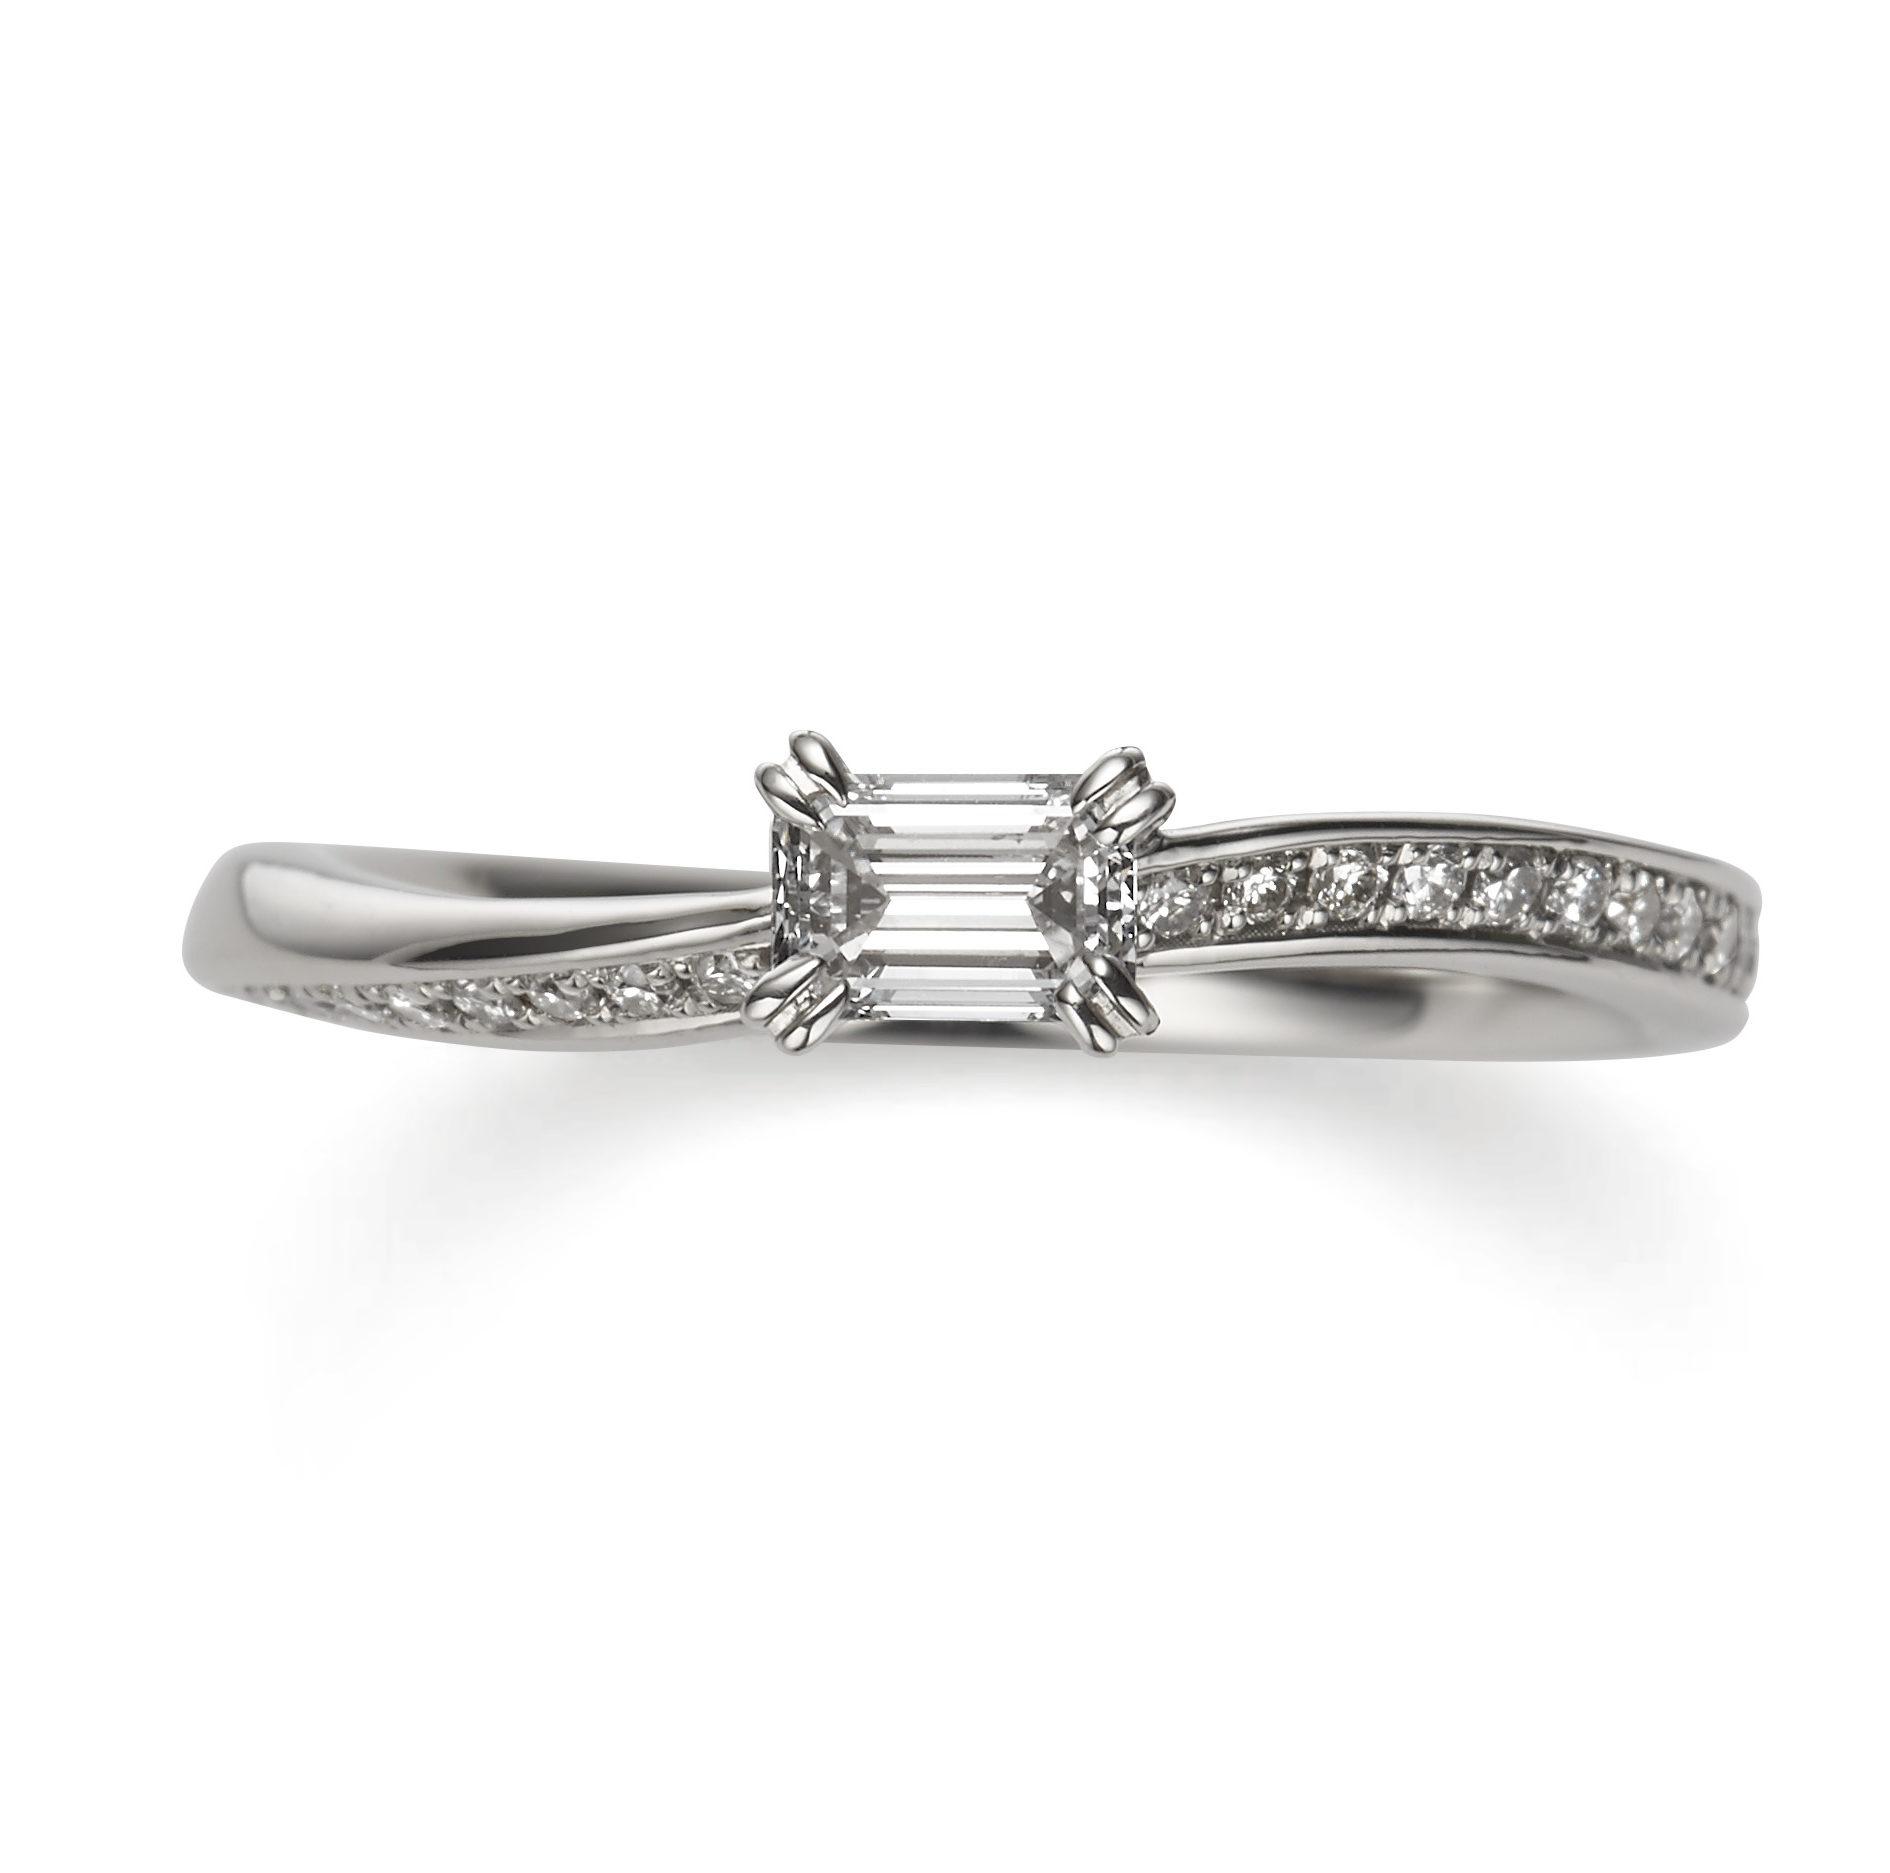 個性的 婚約指輪のイランイラン